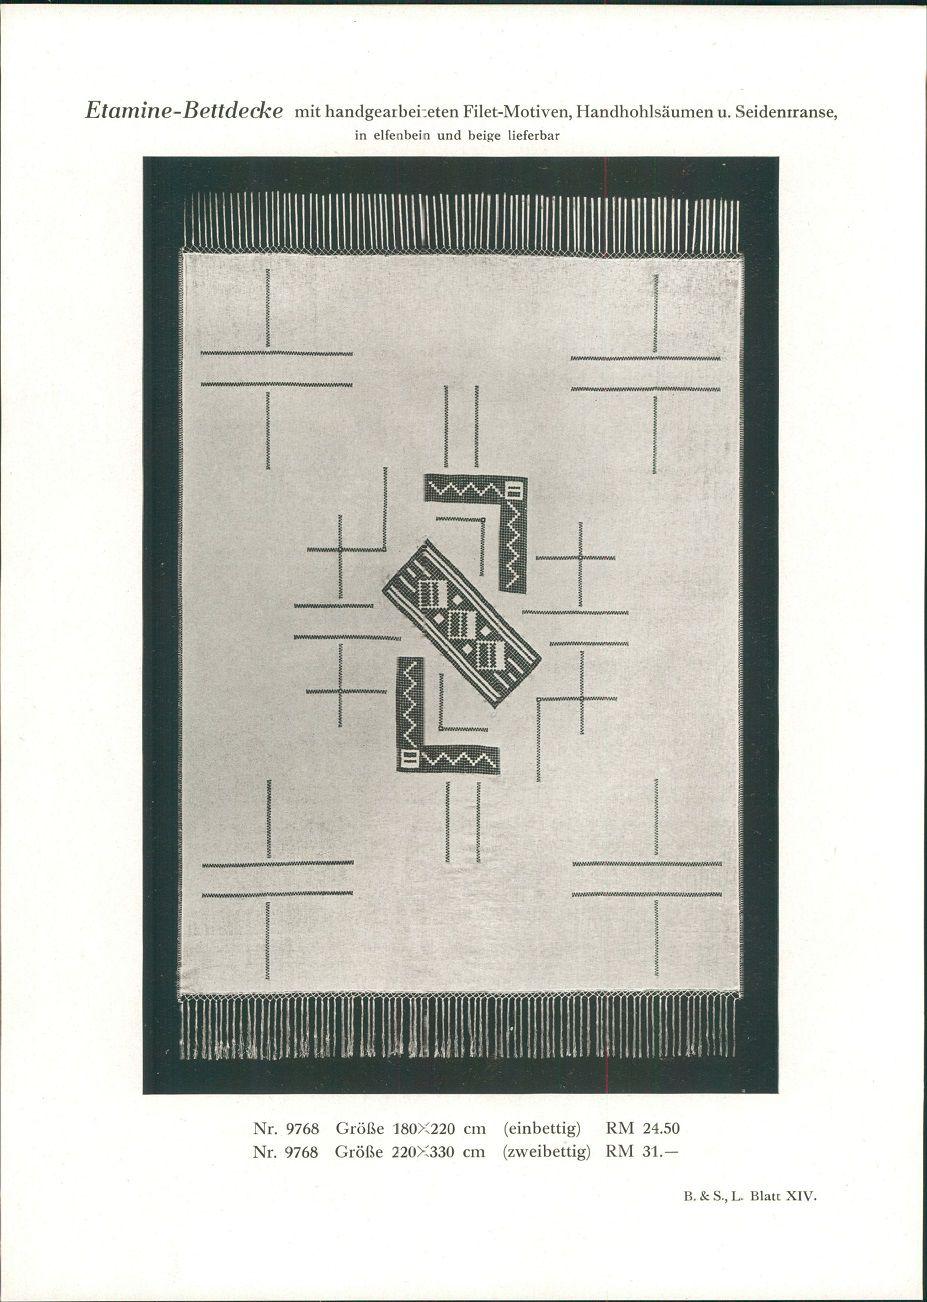 1928 - Druck nach Photographie: Bettdecke mit handgearbeiteten Filet-Motiven, Handhohlsäumen u. Seidenfranse. In elfenbein und beige lieferbar. Nr. 9768: Größe 180x220 cm (einbettig) RM 24.50. Nr. 9768: Größe 220x330 cm (zweibettig) RM 31.- B. & S. L. Blatt XIV.